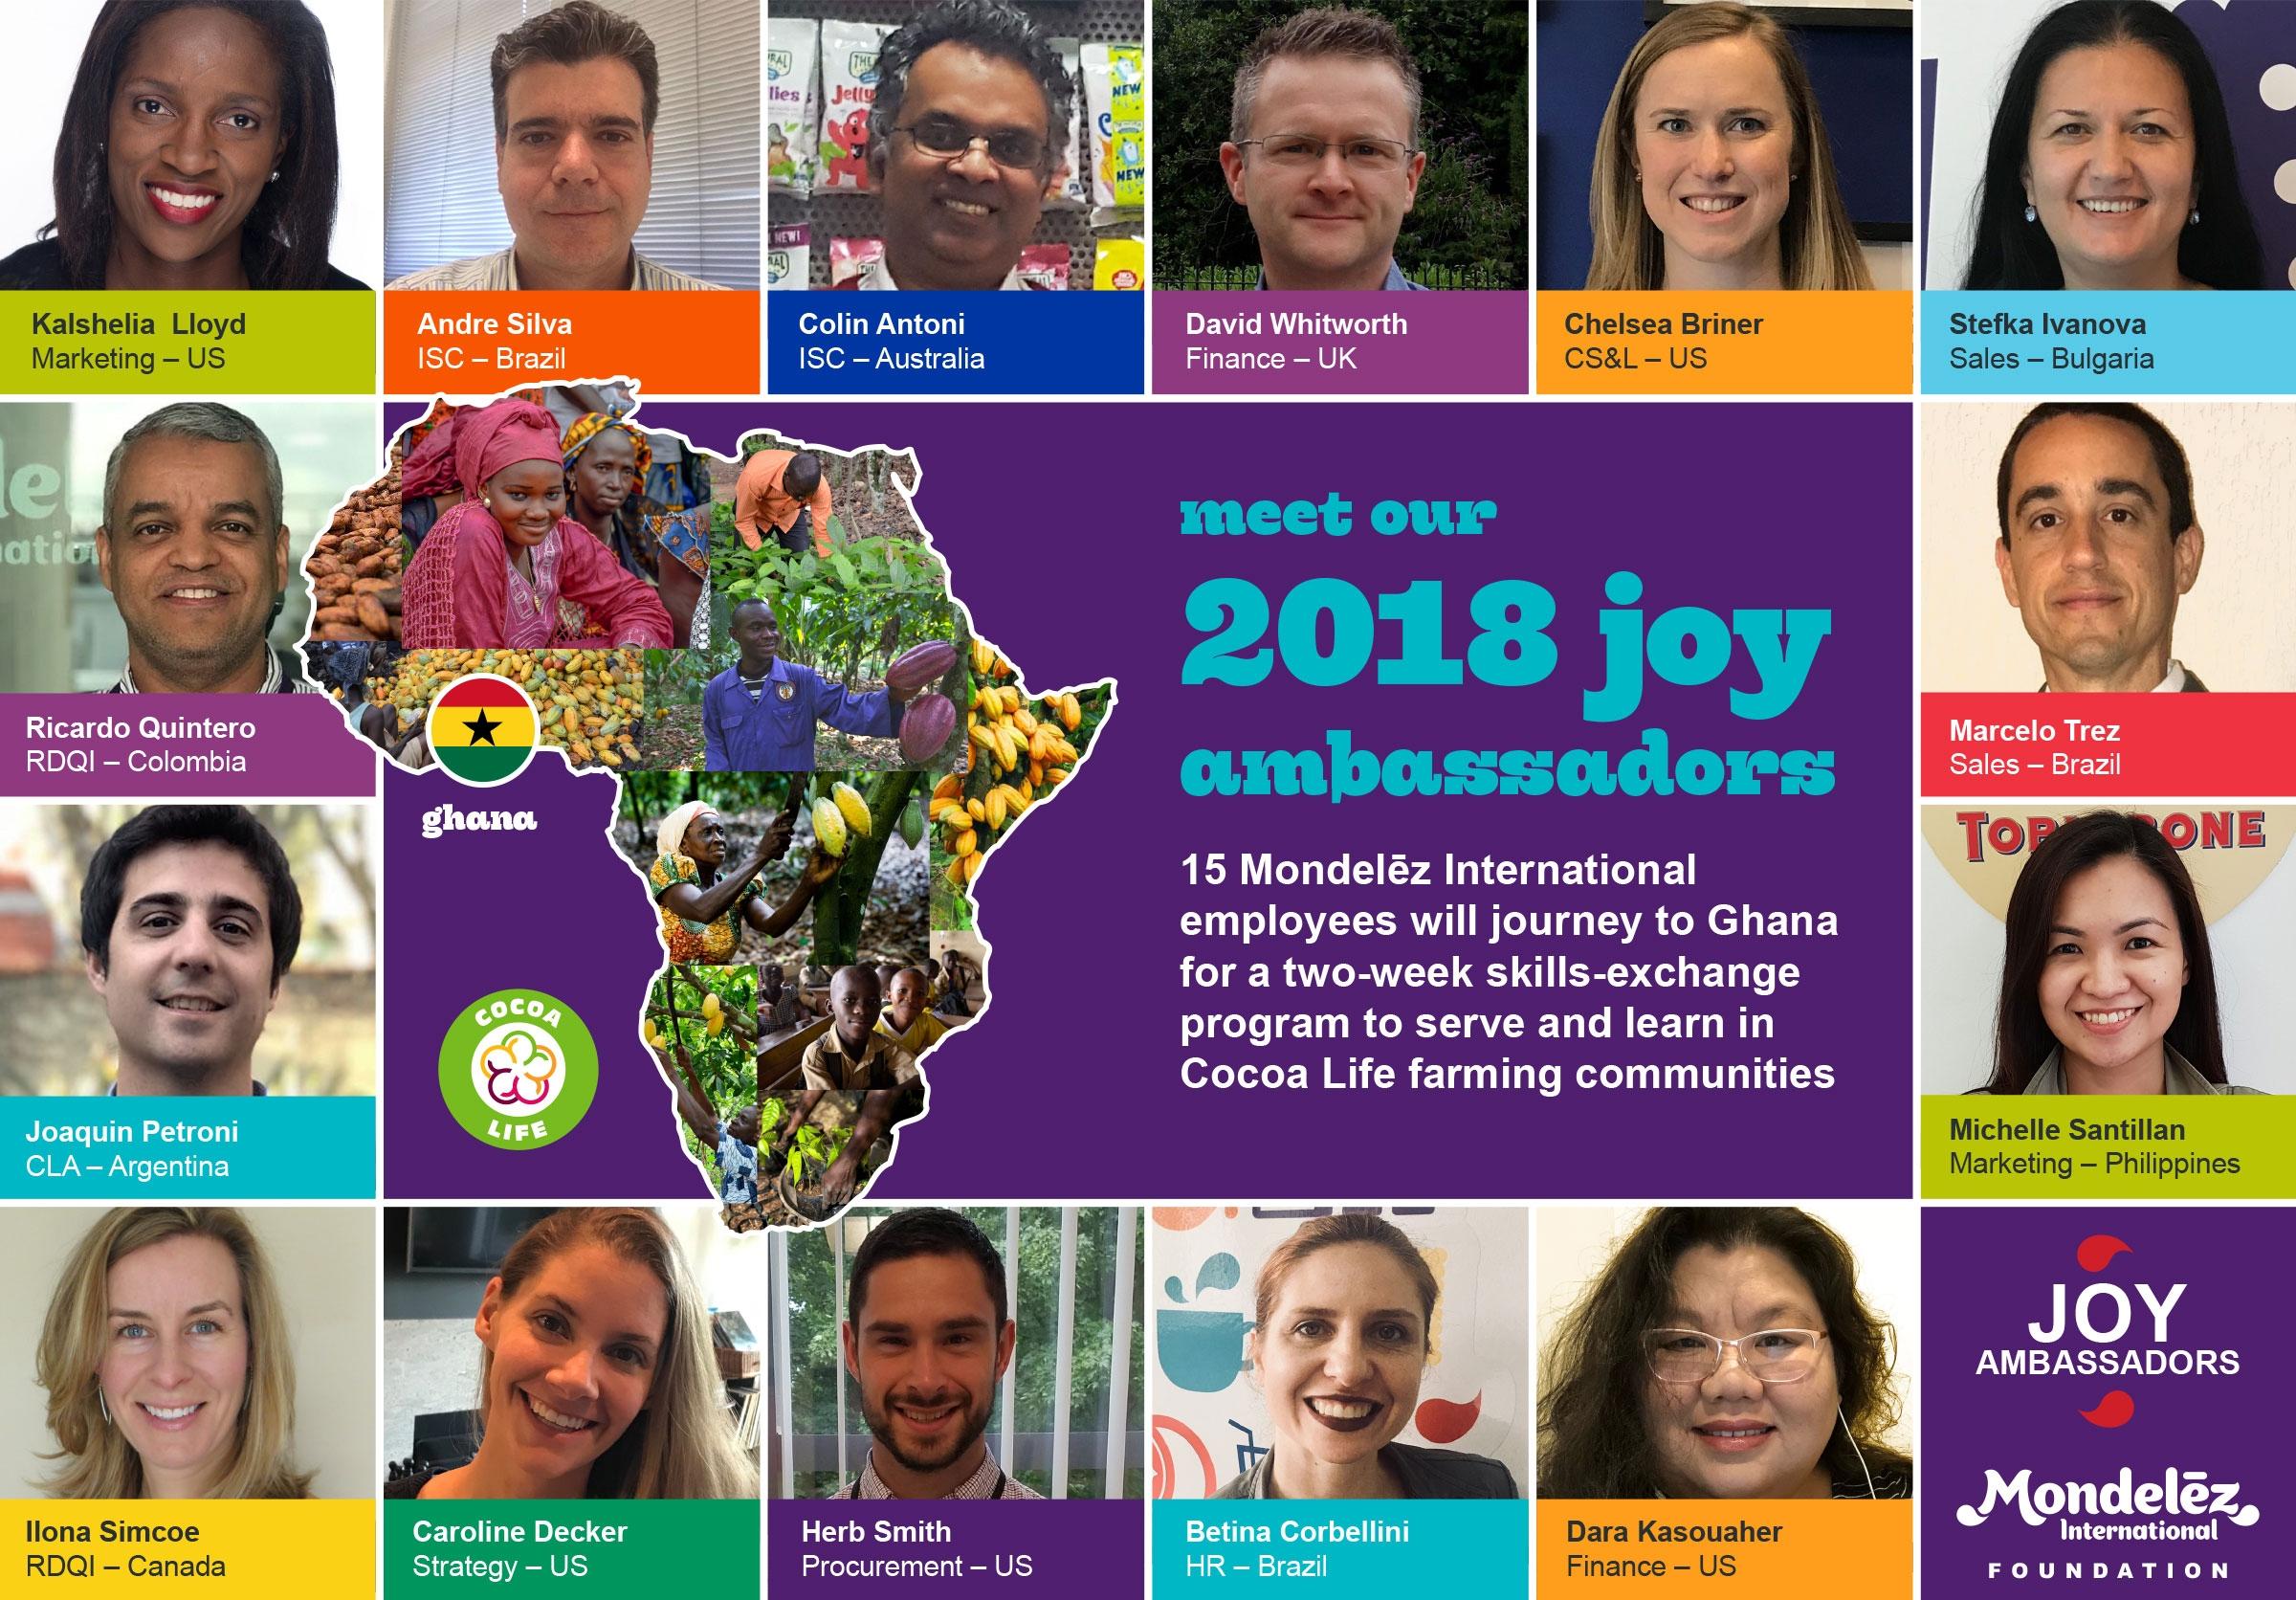 Meet MDLZ's 2018 Class of Joy Ambassadors!